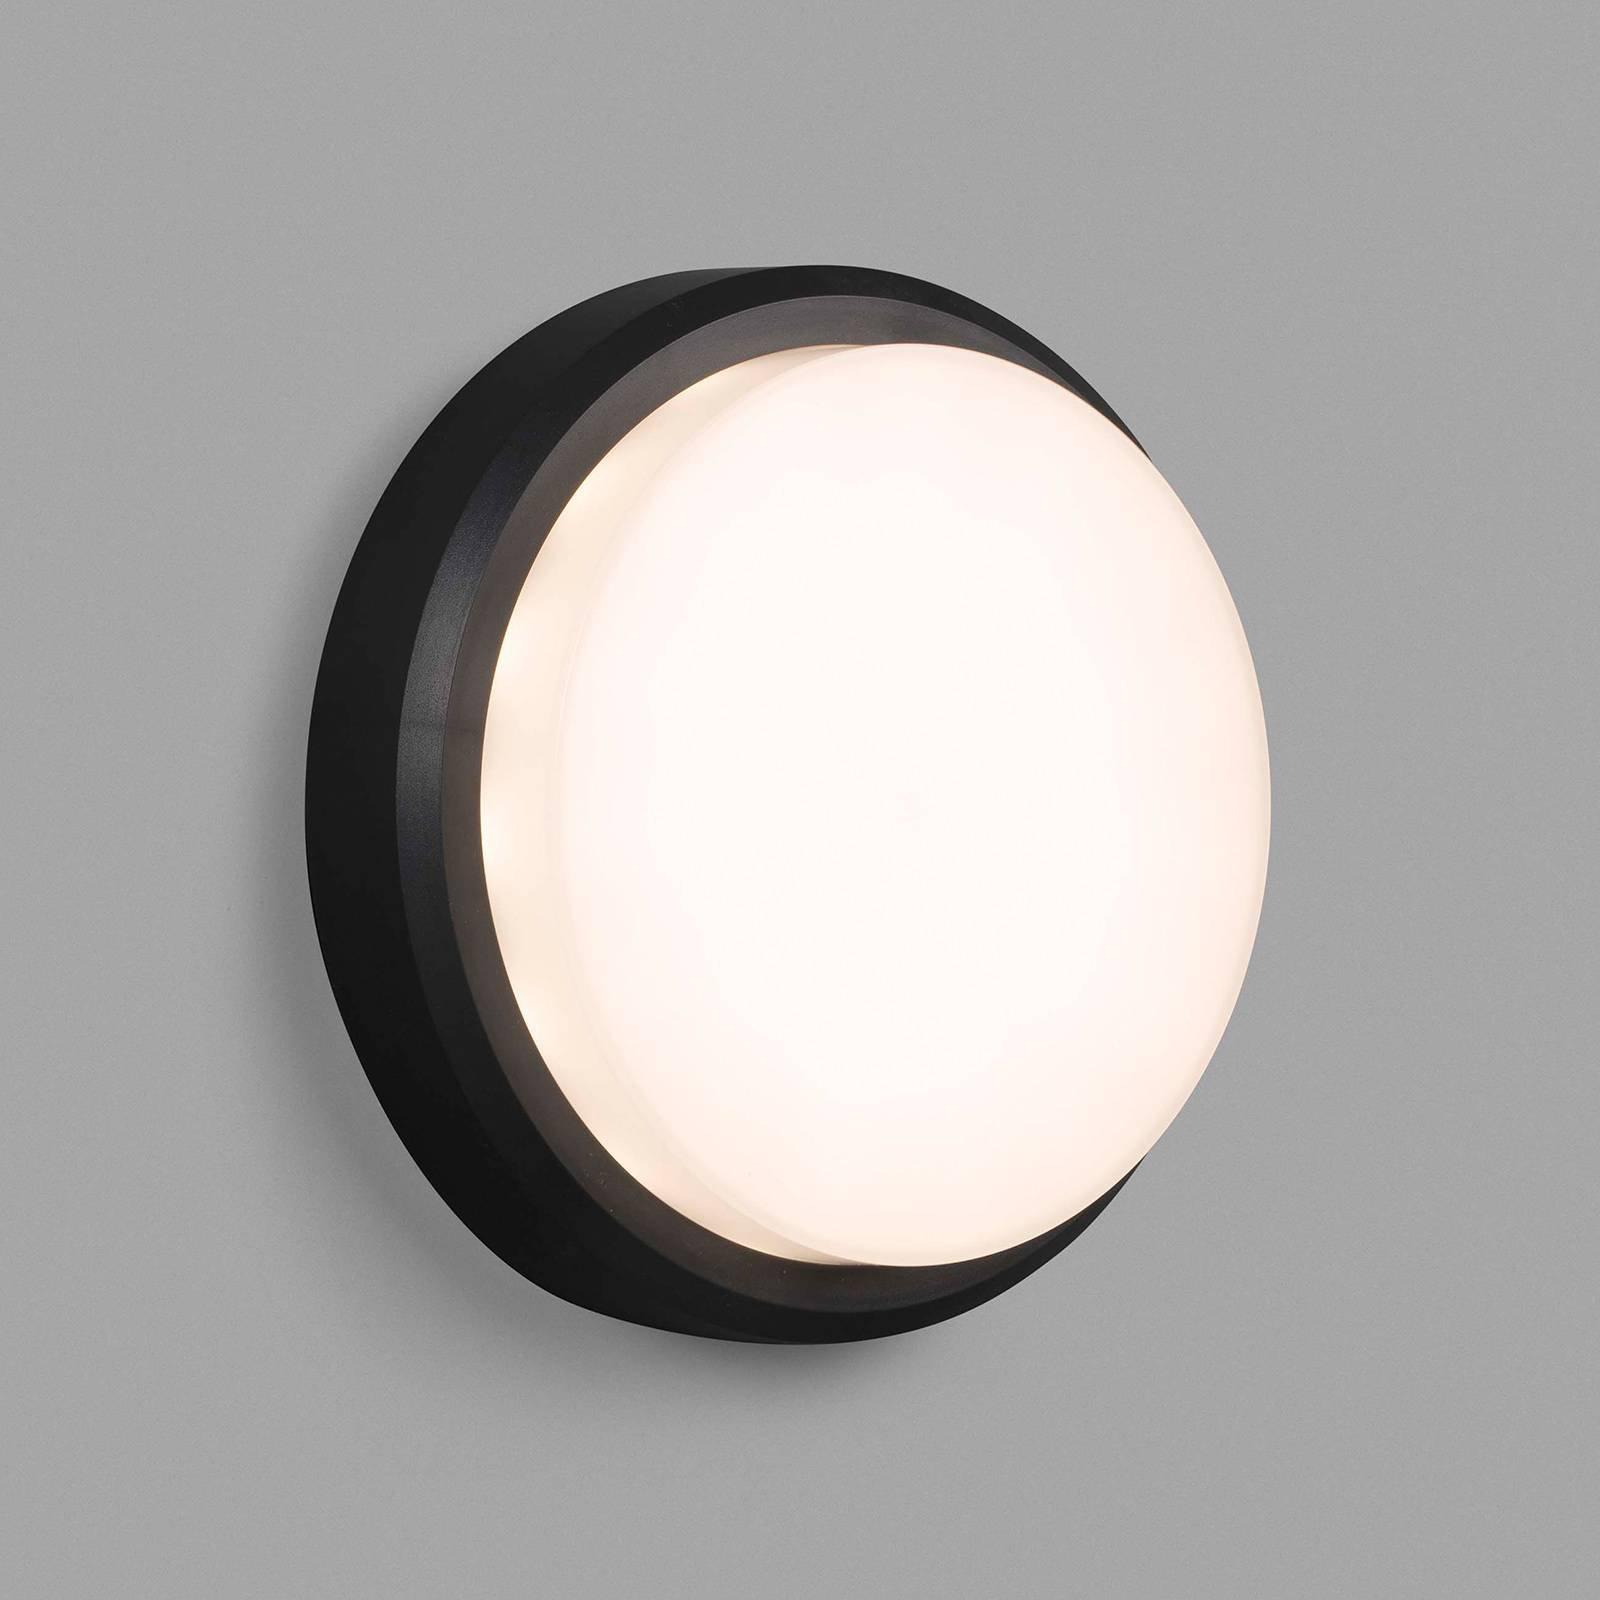 Utendørs LED-vegglampe Tom XL, IK10, mørkegrå/hvit